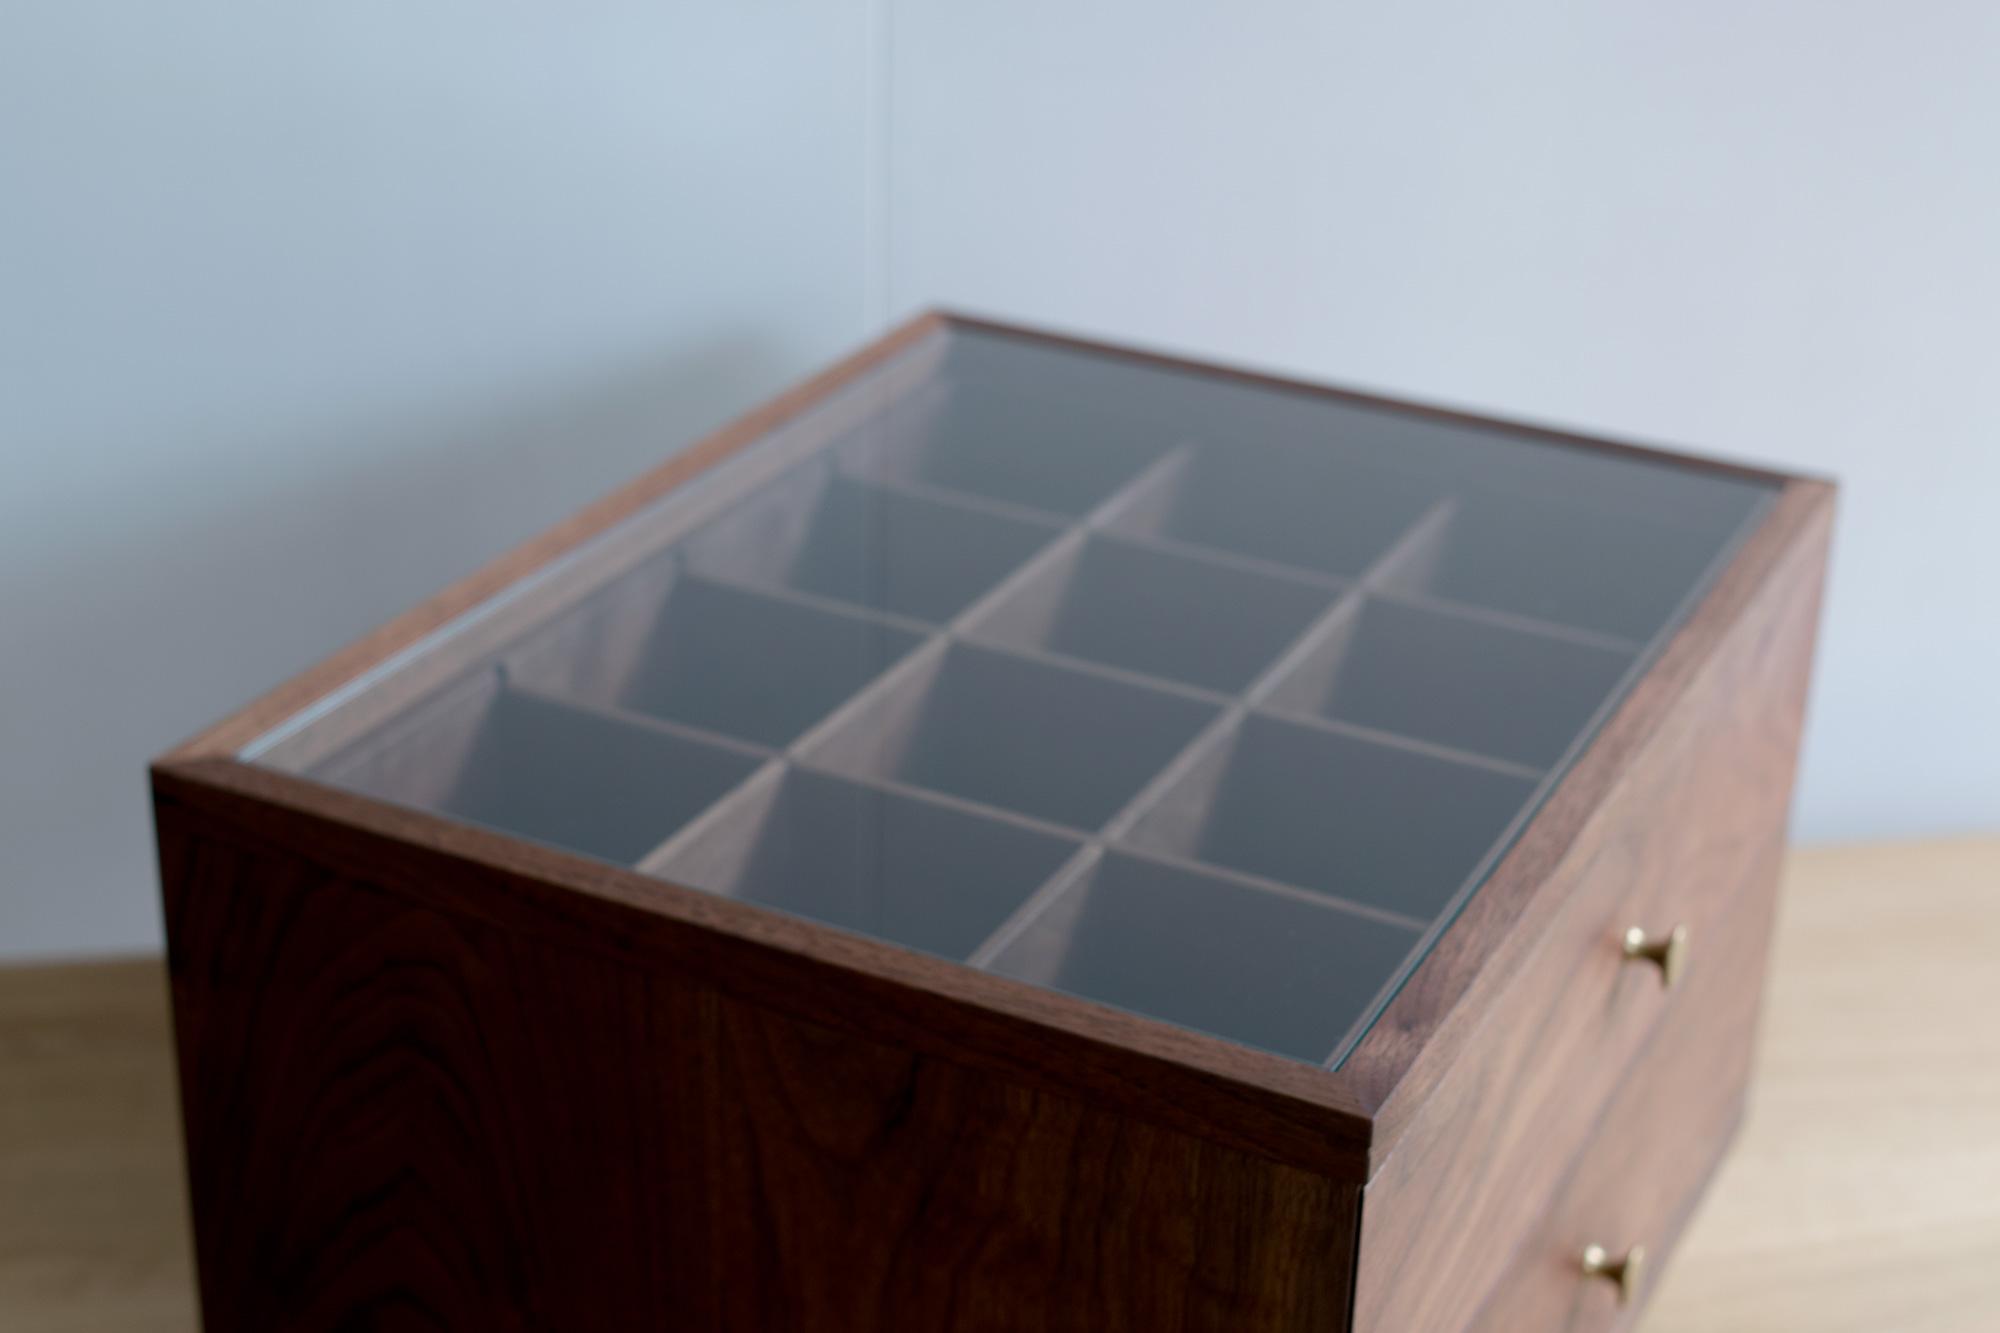 ネクタイ収納ボックス